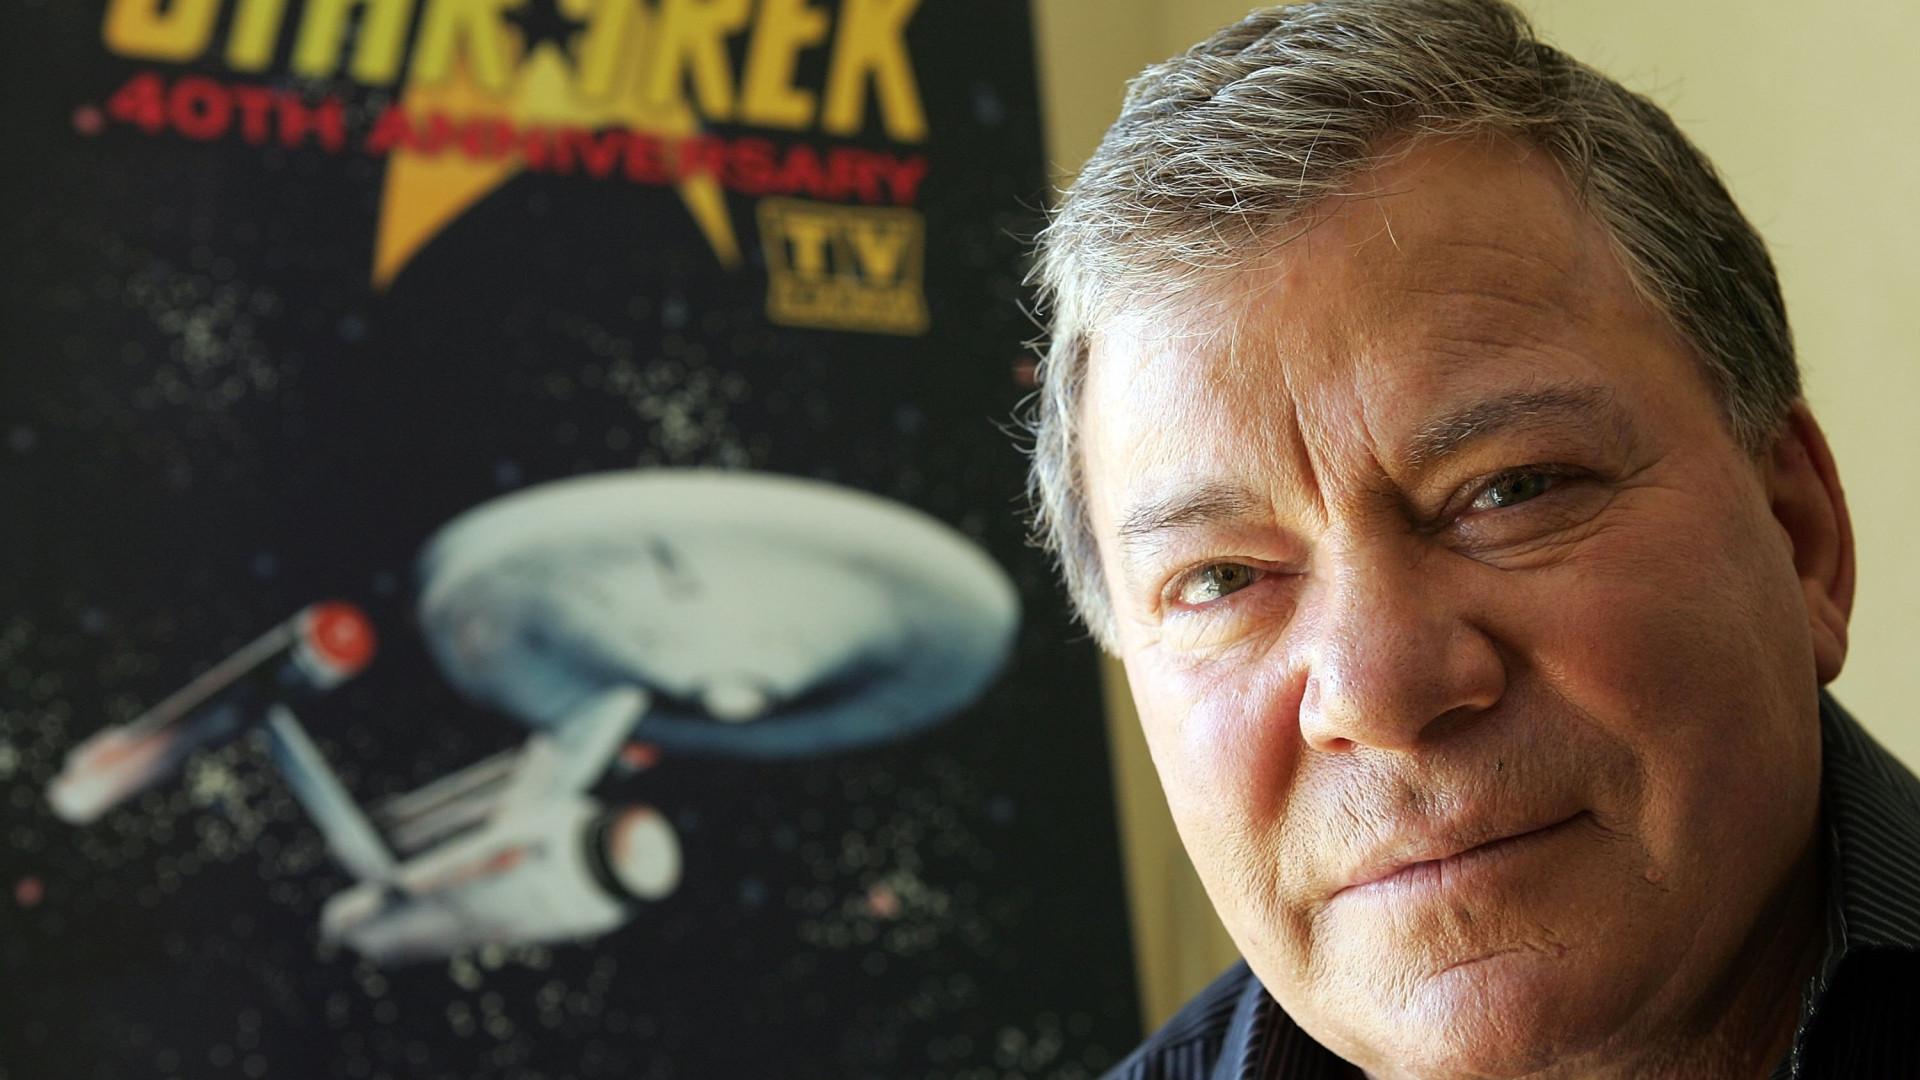 Ator que interpretava o Capitão Kirk irá pela primeira vez ao espaço